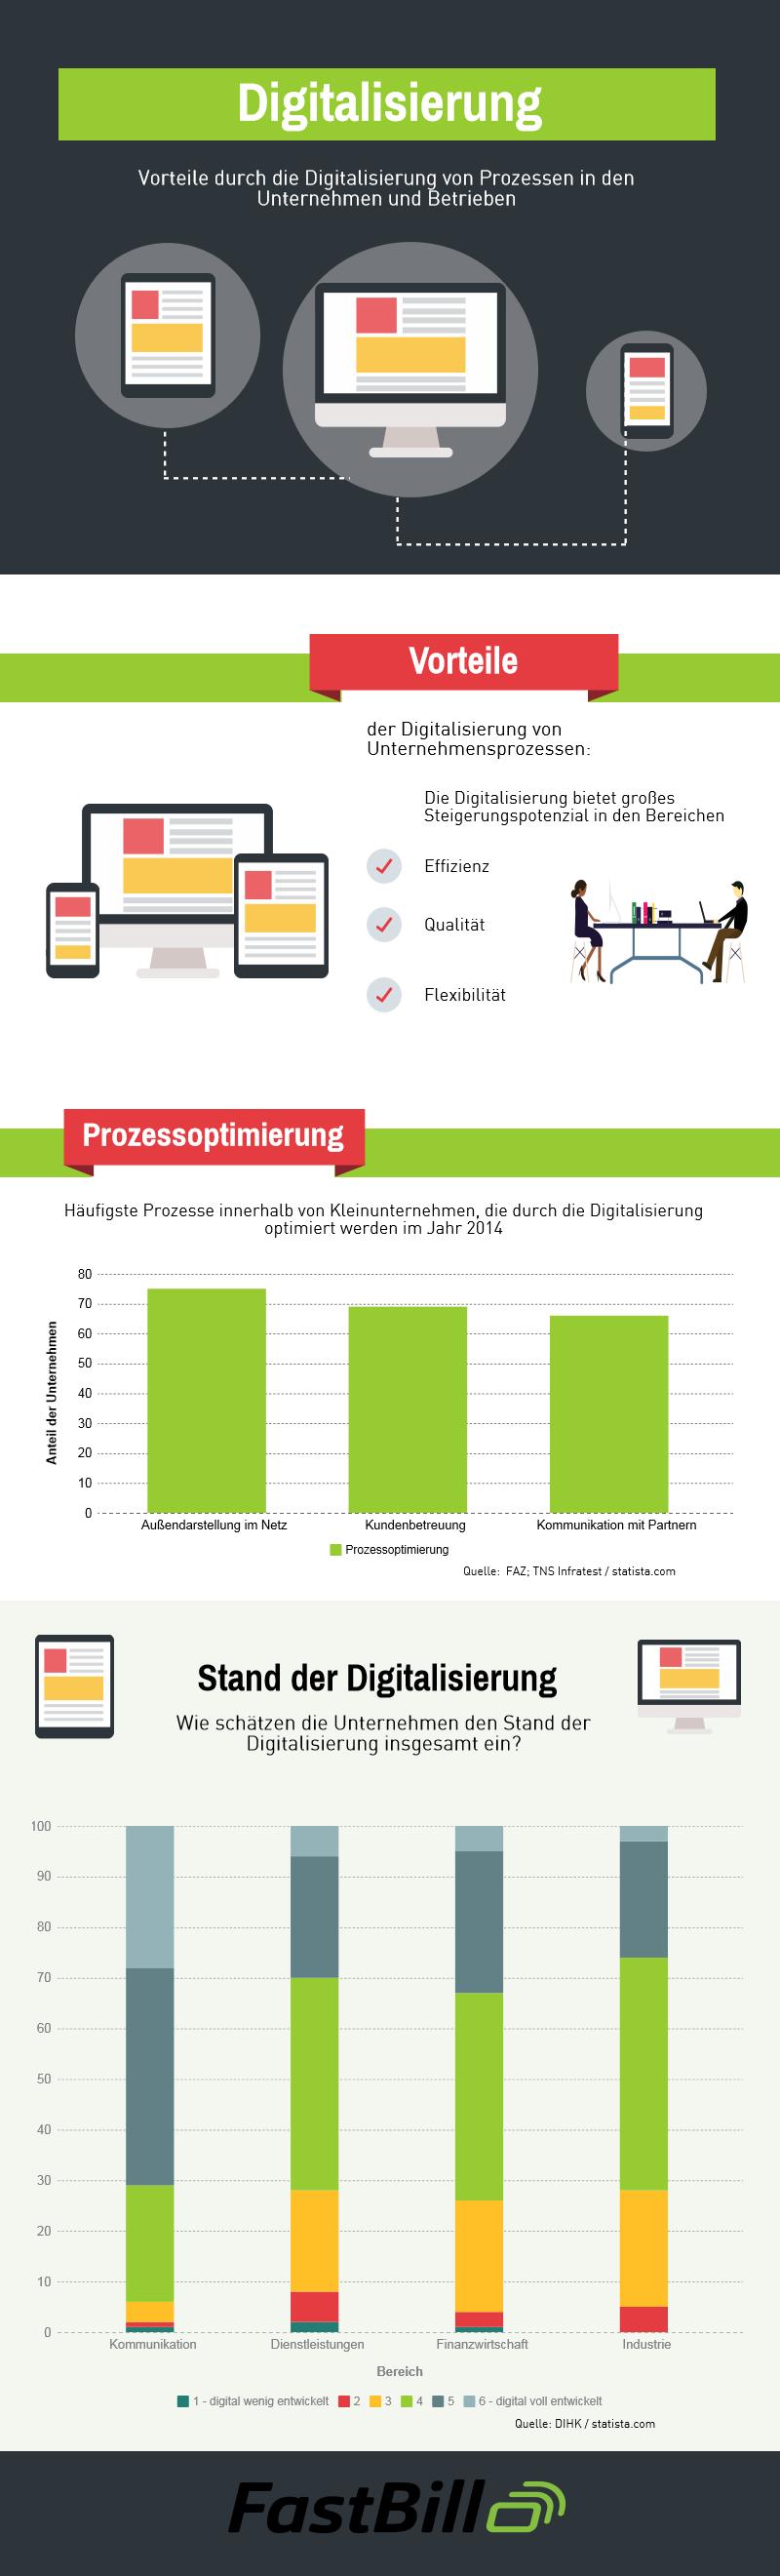 Infografik Digitalisierung von Unternehmensprozessen 1